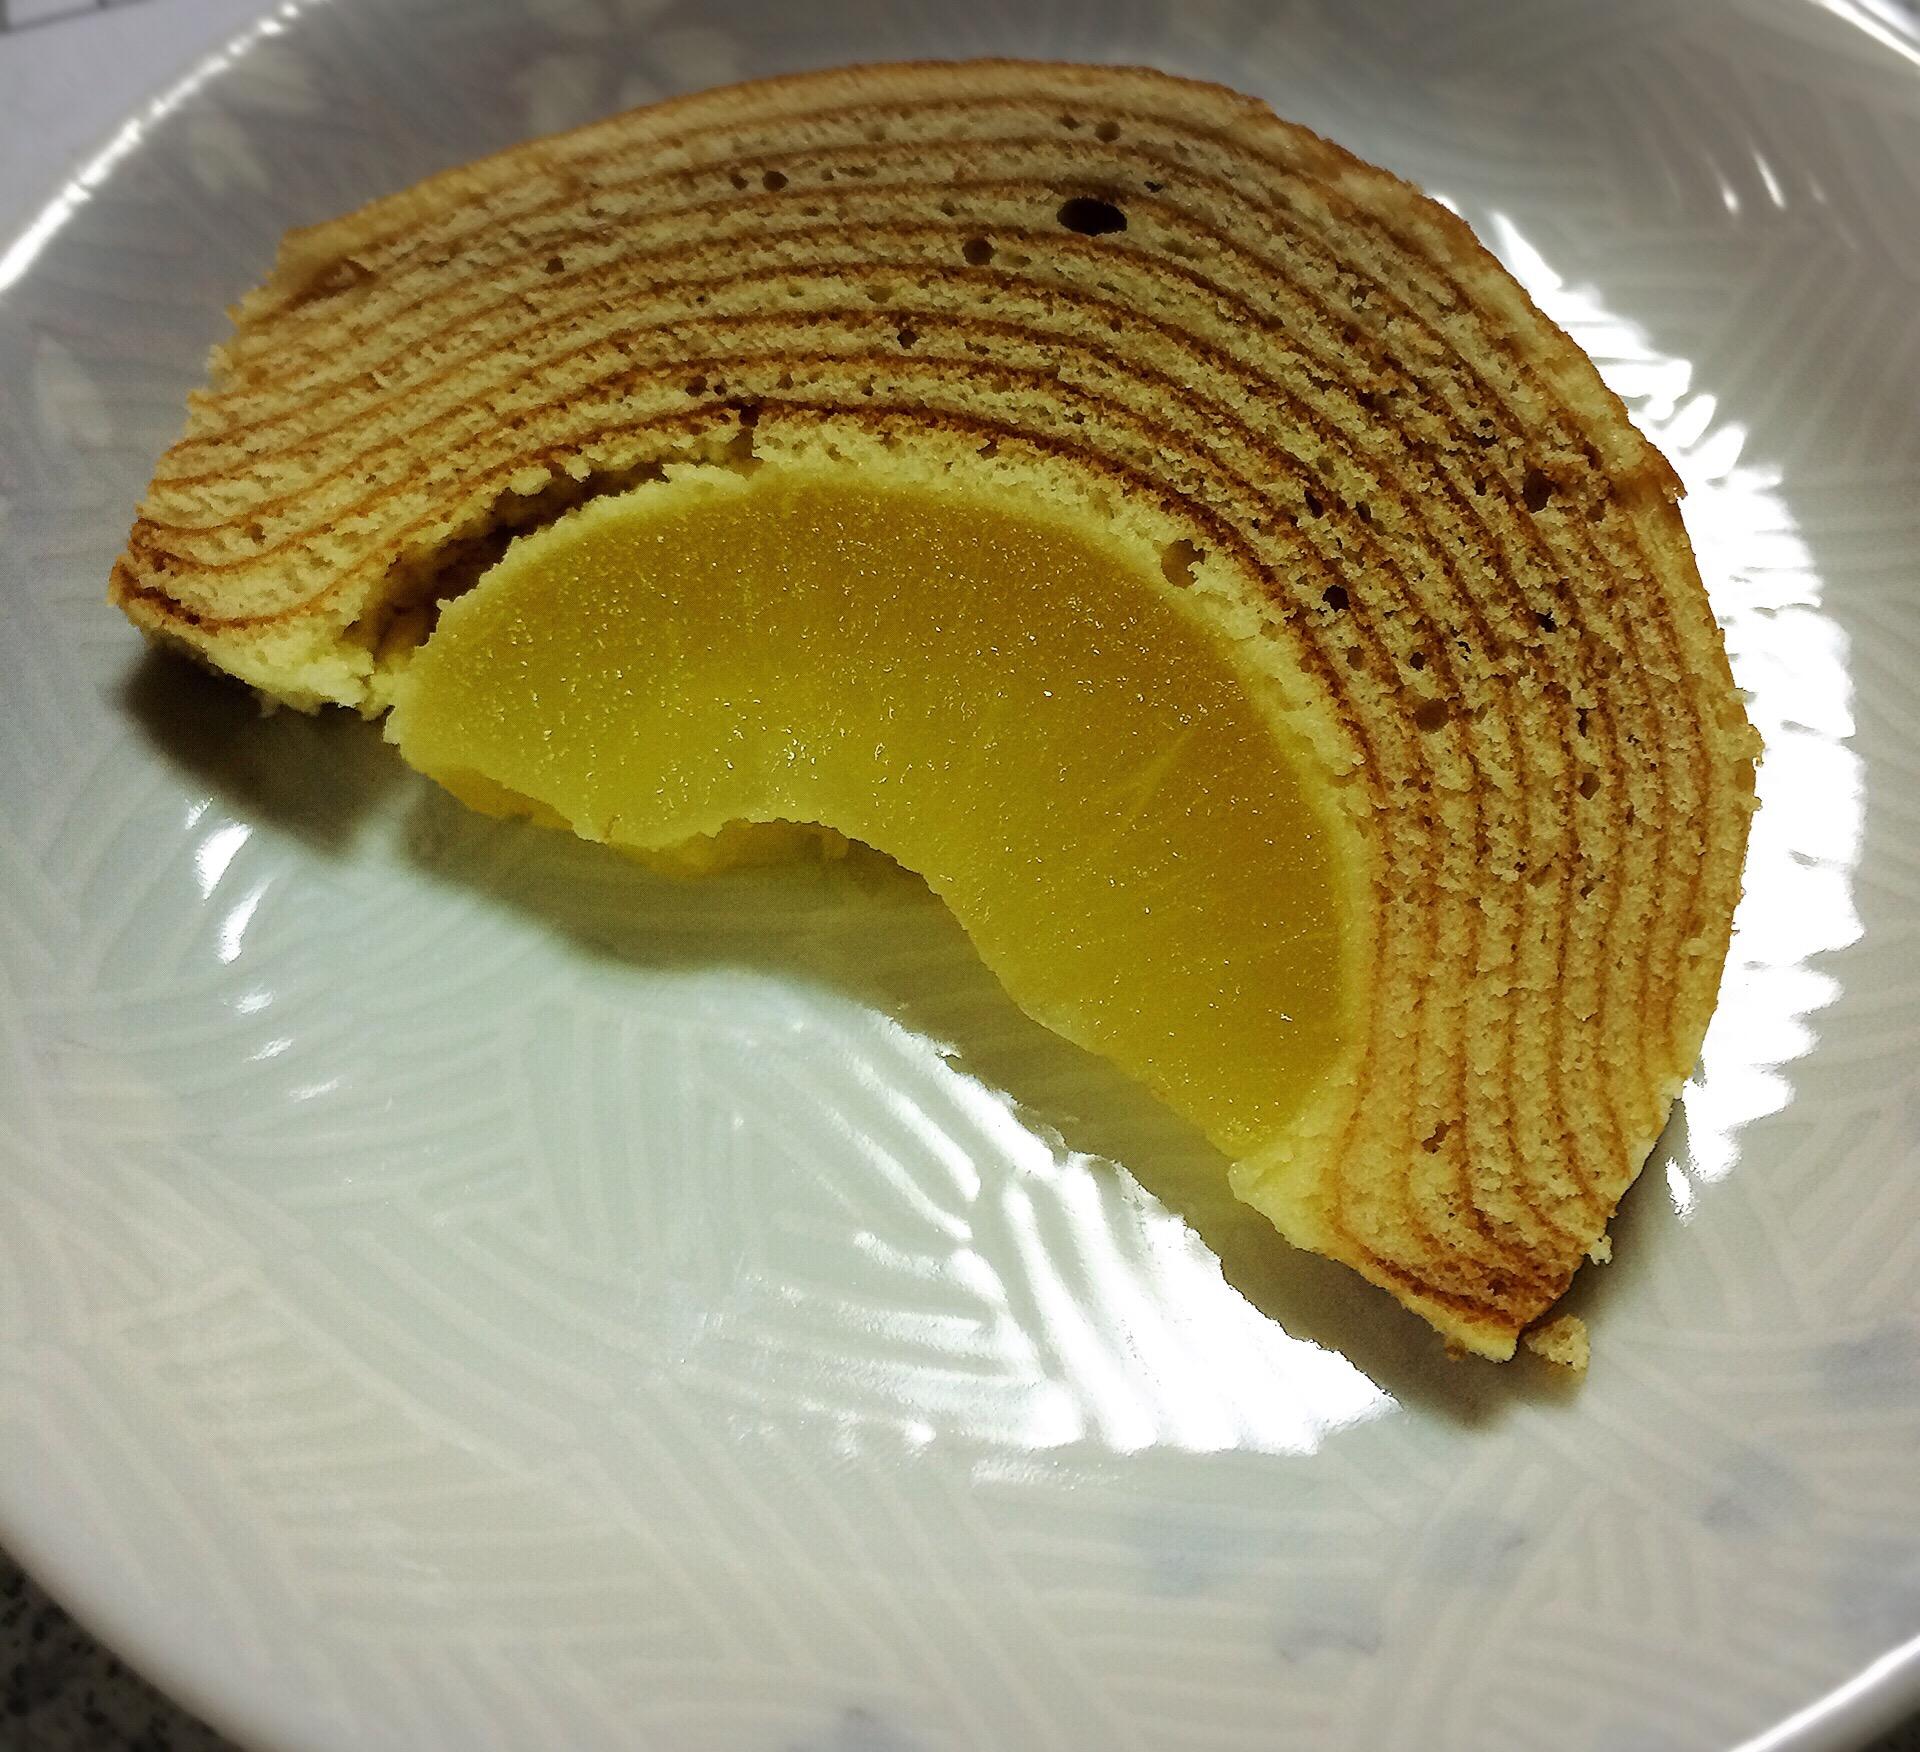 羽田空港で人気のお土産バームクーヘンの中にりんごまるごと入った「ホーニッヒアッフェルバウム」を食べてみた♪